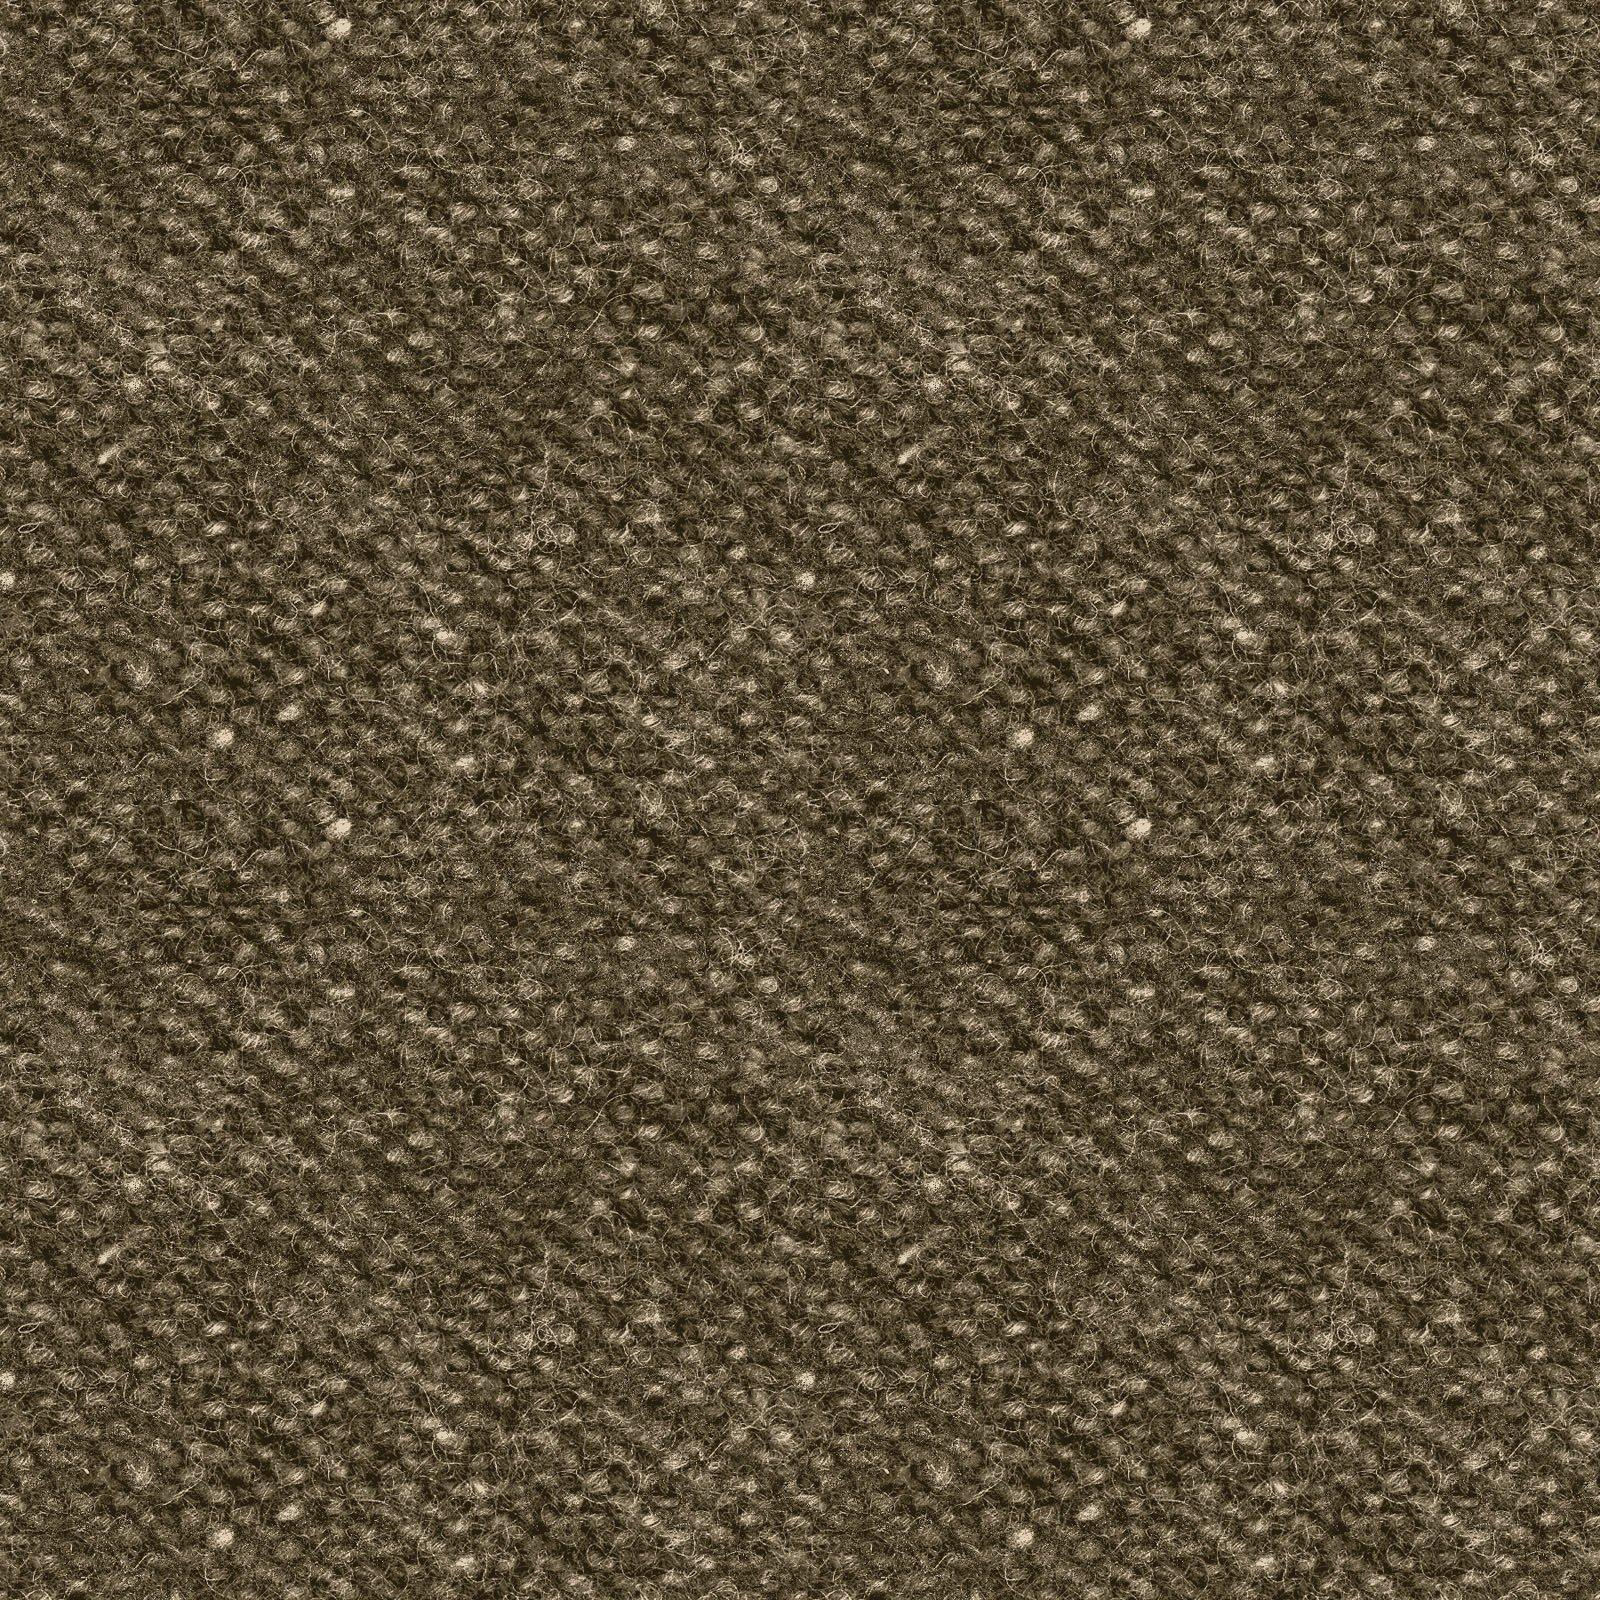 Woolies Flannel Nubby Tweed Medium Brown (MASF18507-A)